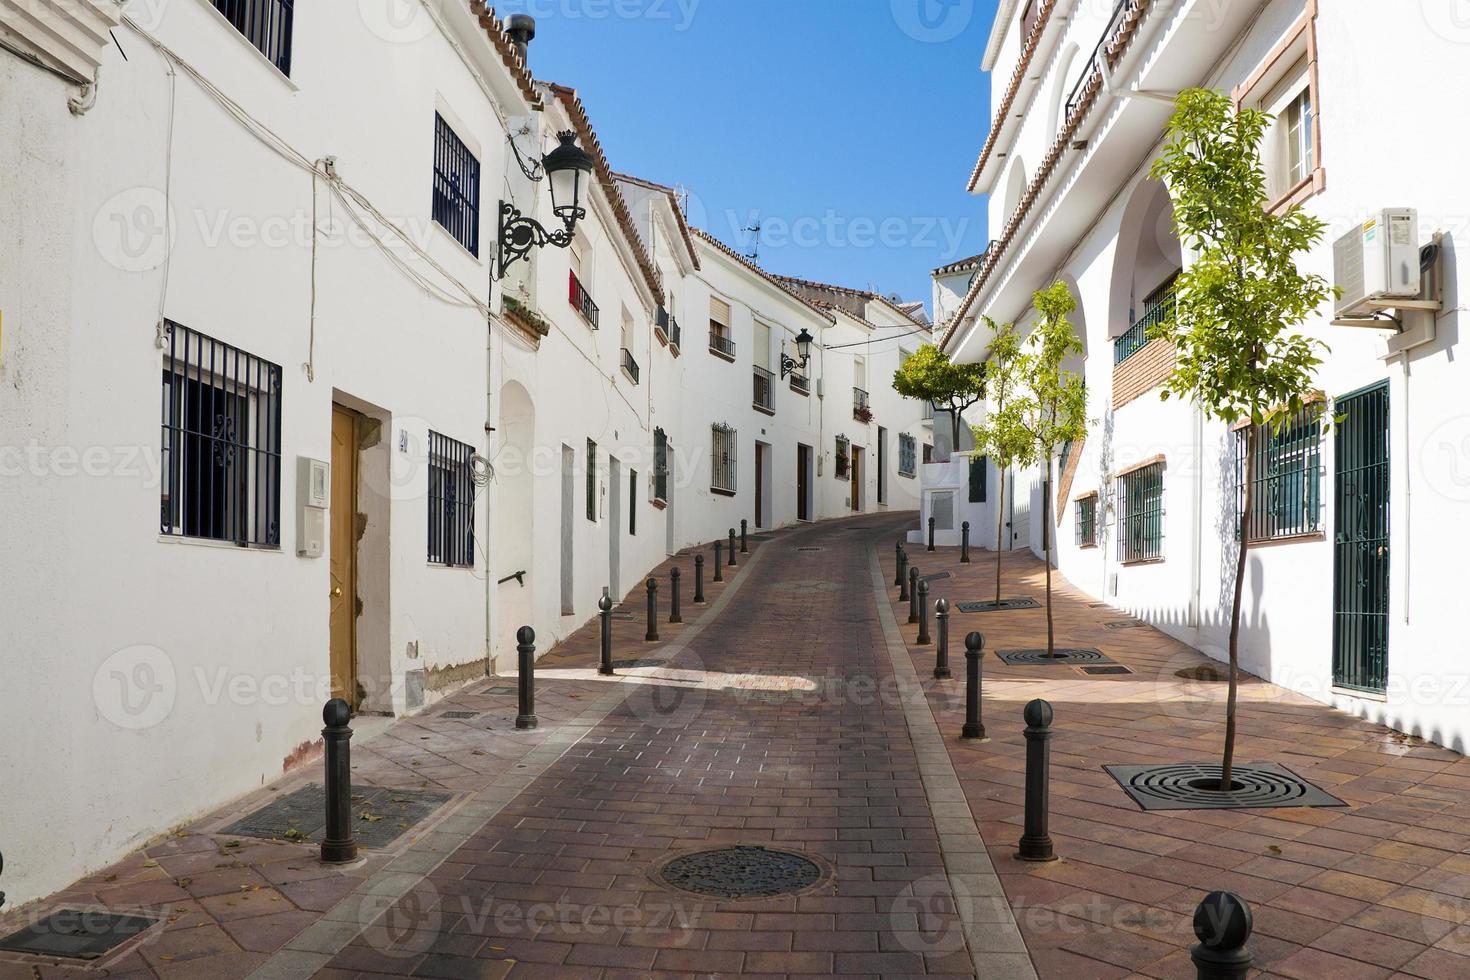 villaggio spagnolo foto